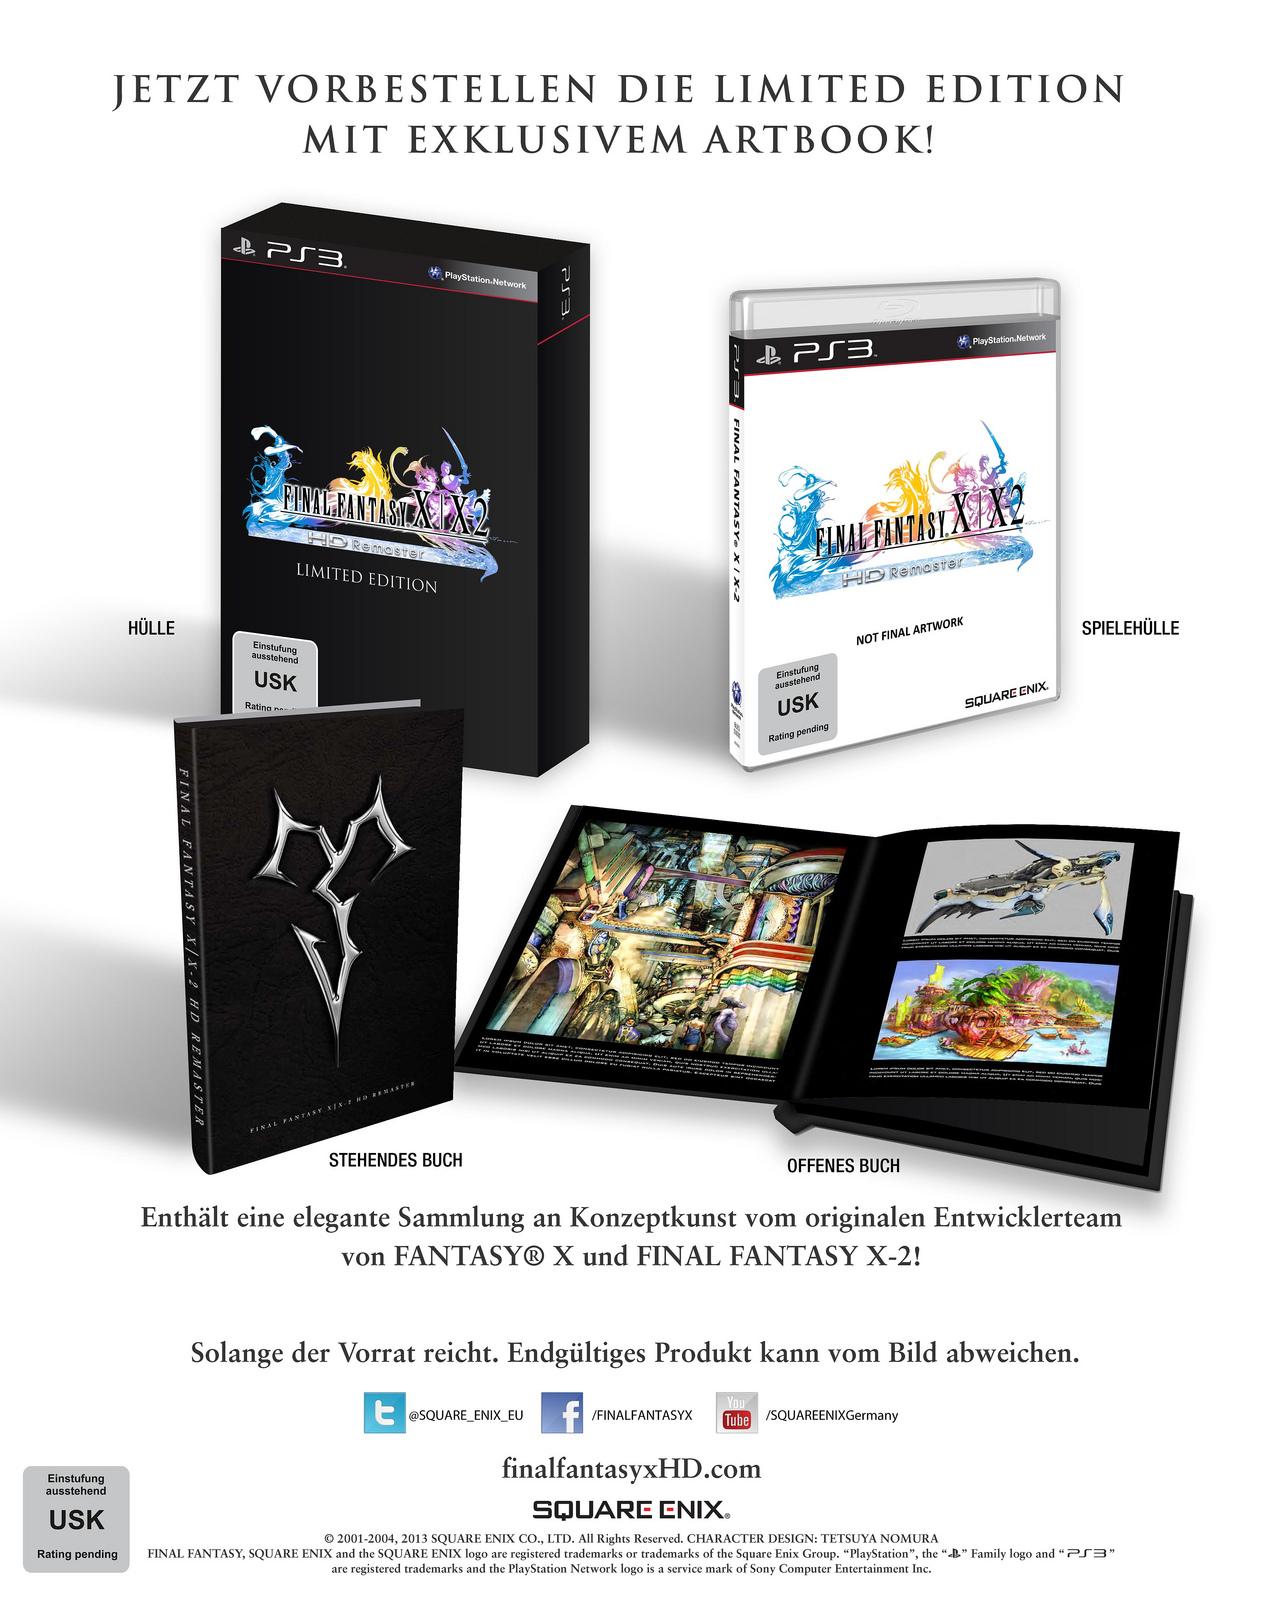 FF X HD Limited edition